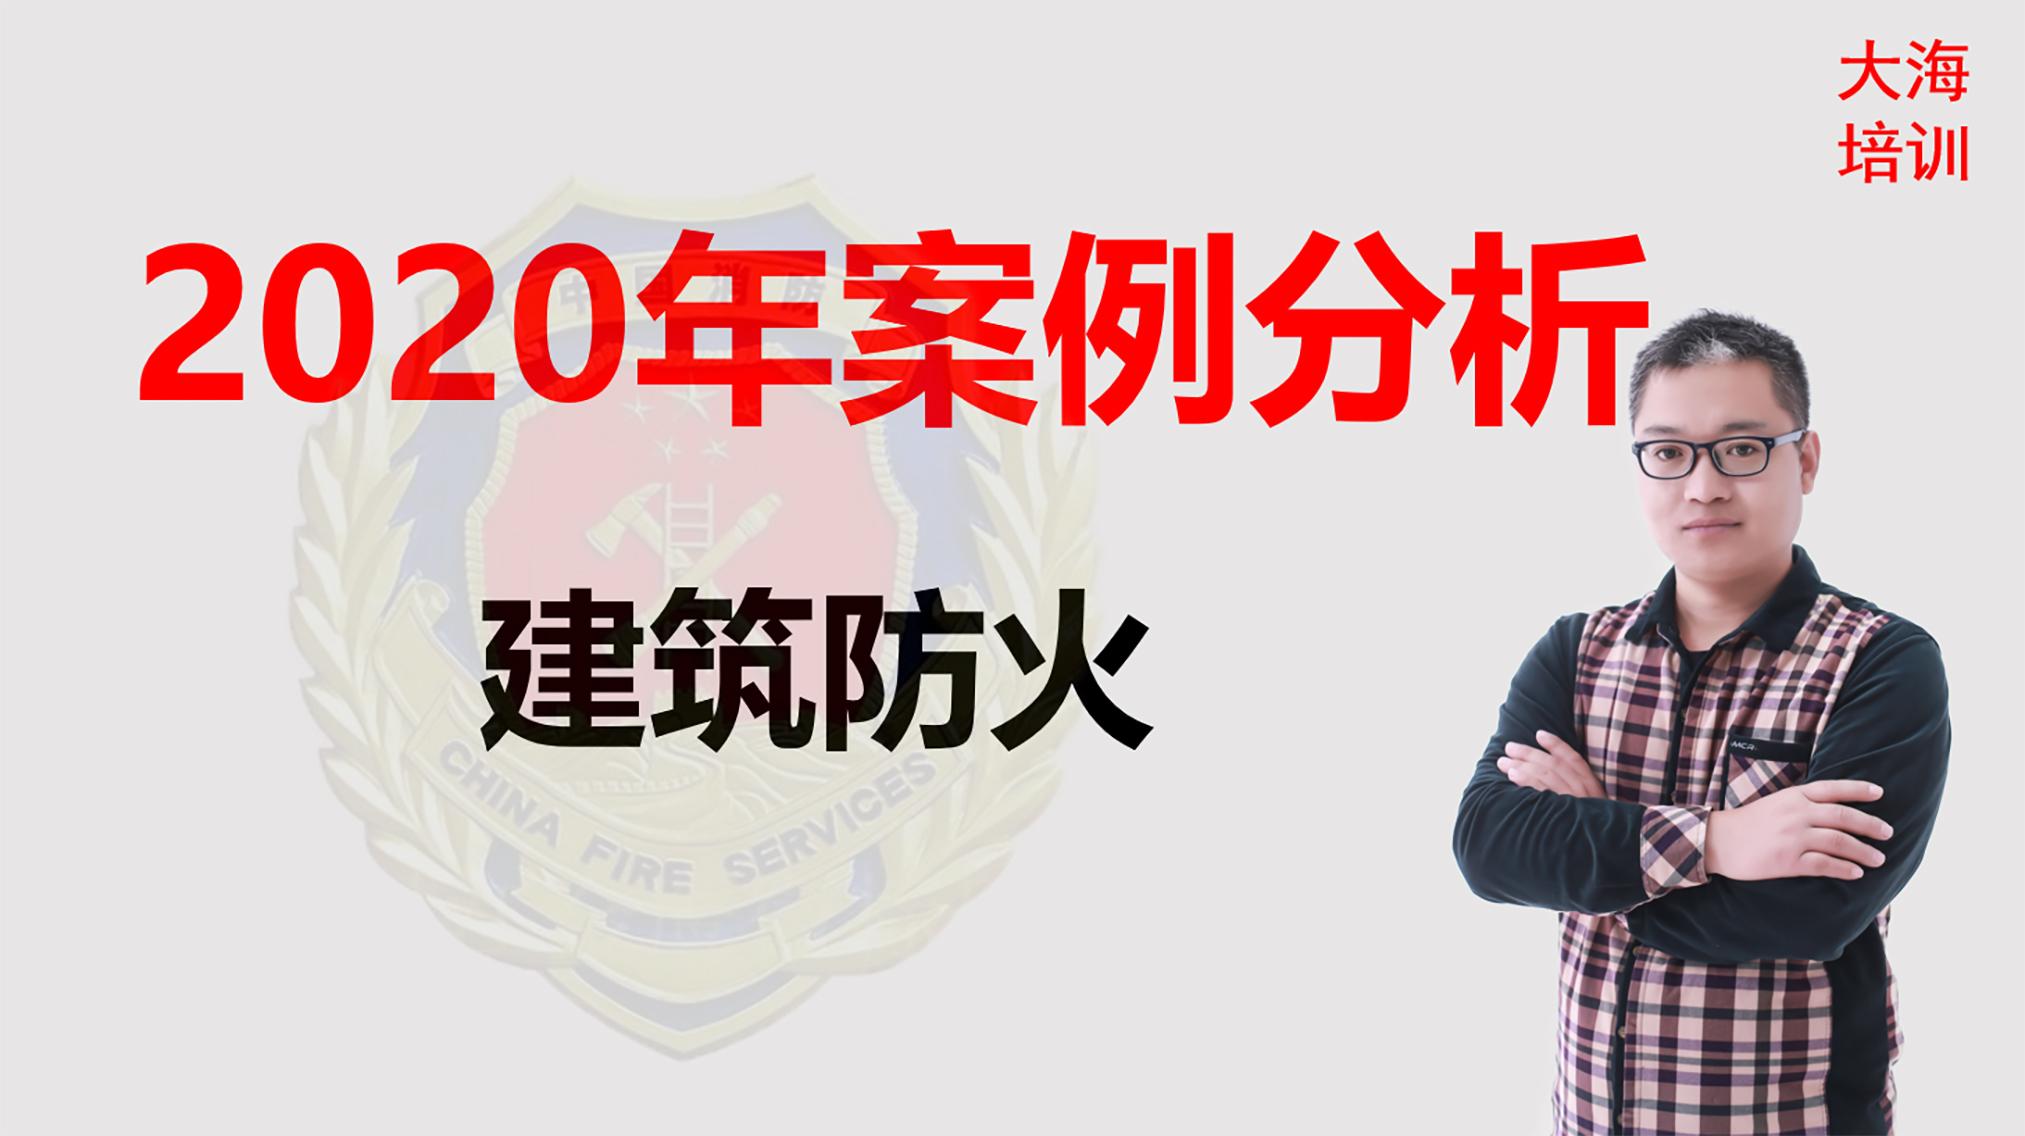 2020年注册消防工程师-案例分析-建筑防火篇